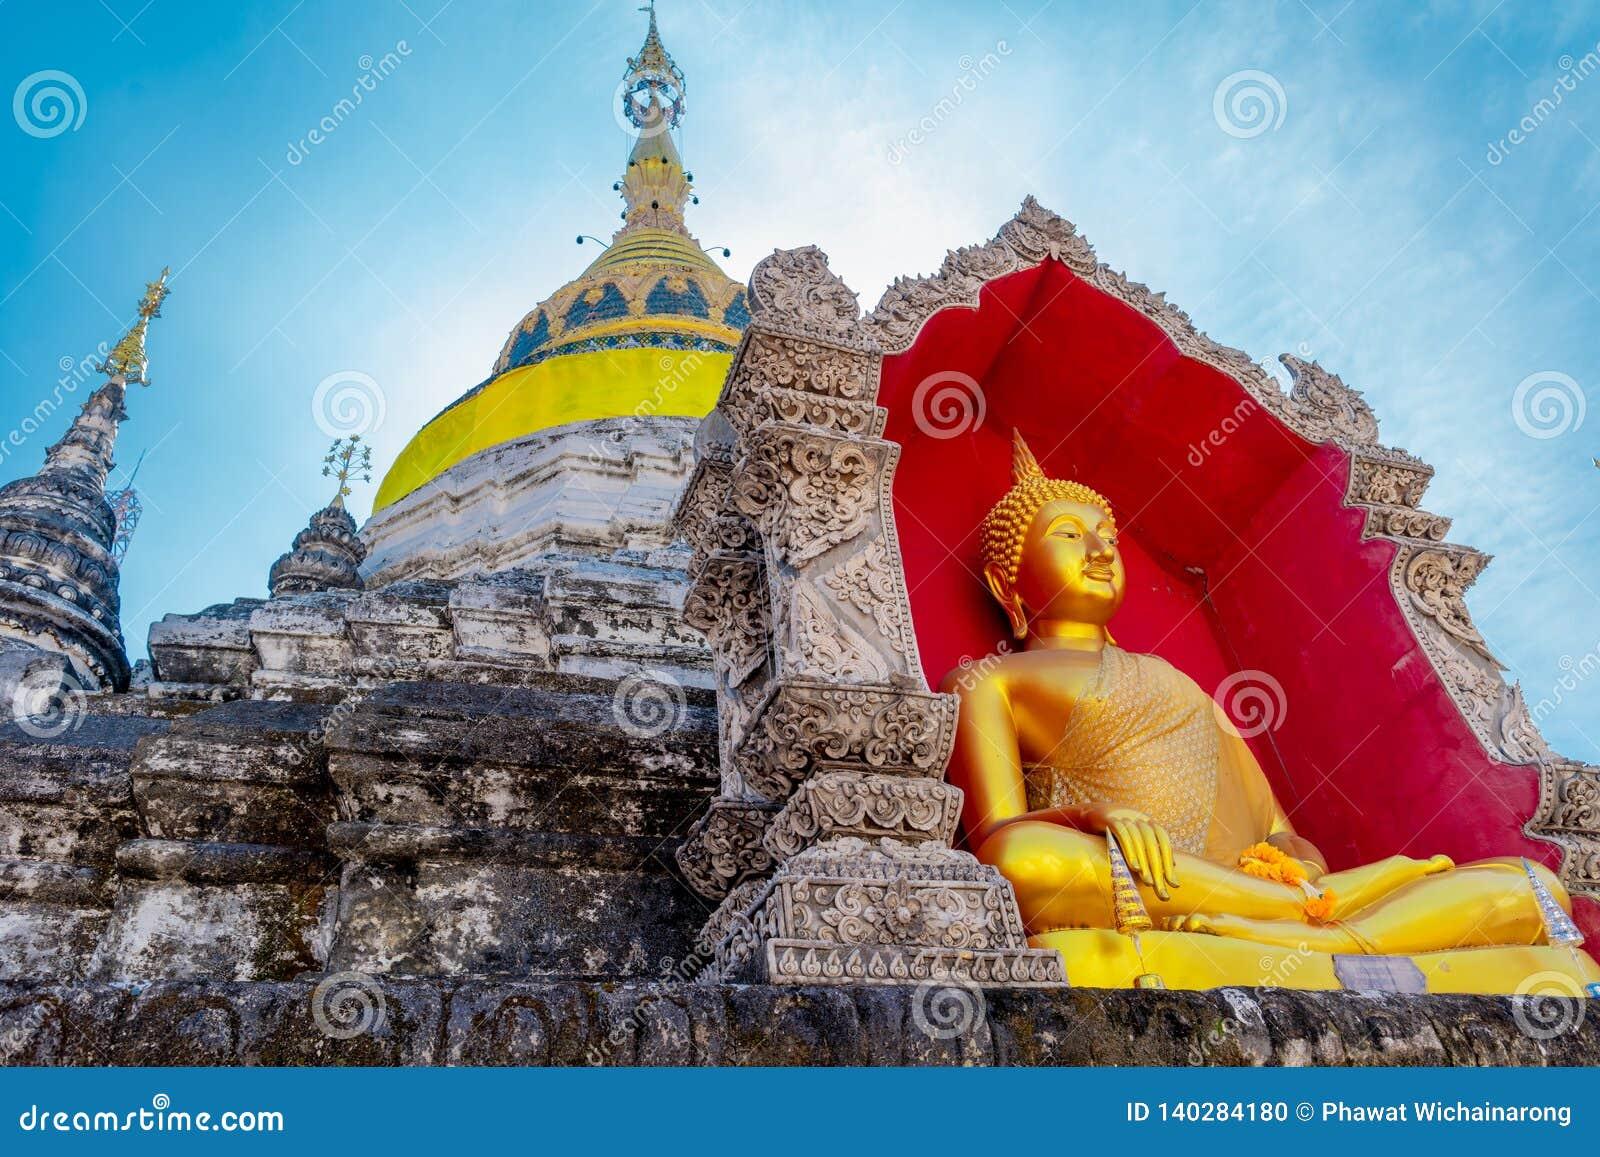 Een oude tempel bouwde 500 stem vóór geleden is zeer beroemd onder toeristen